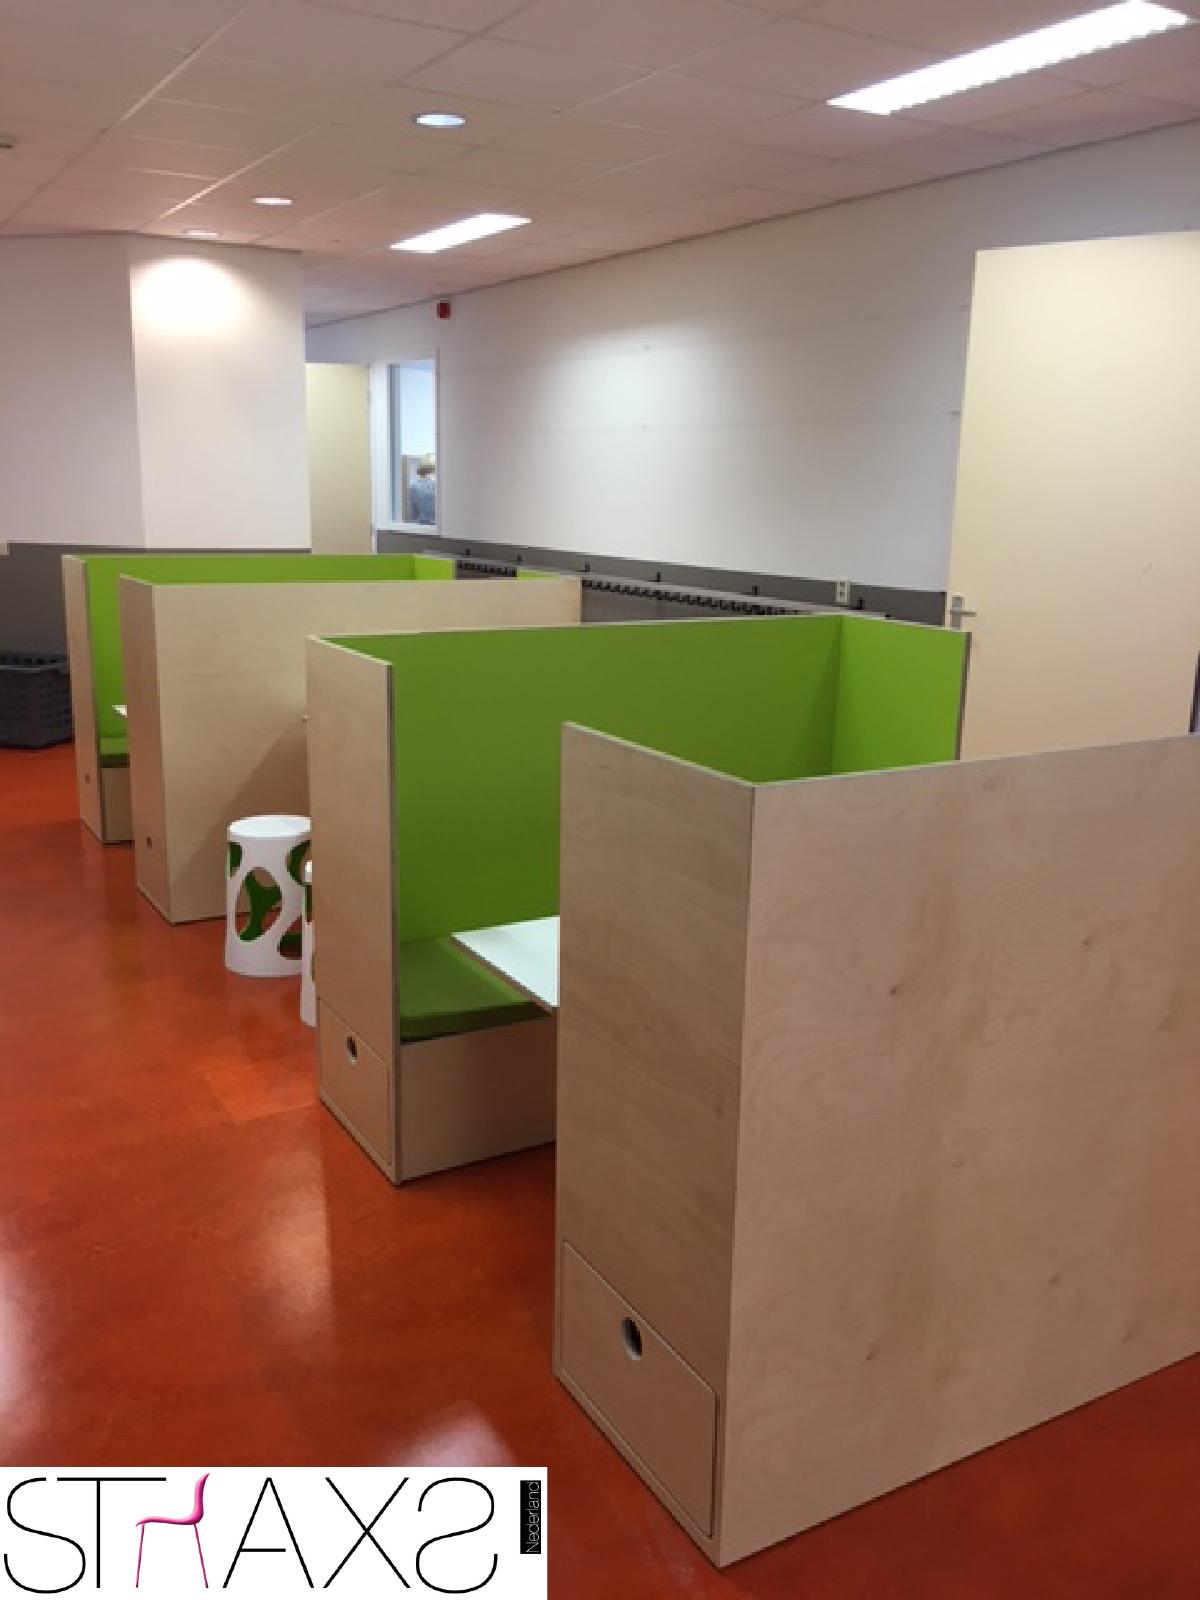 Straxs Nederland | Maximaschool | Werkplek | Werken | Workspace ...